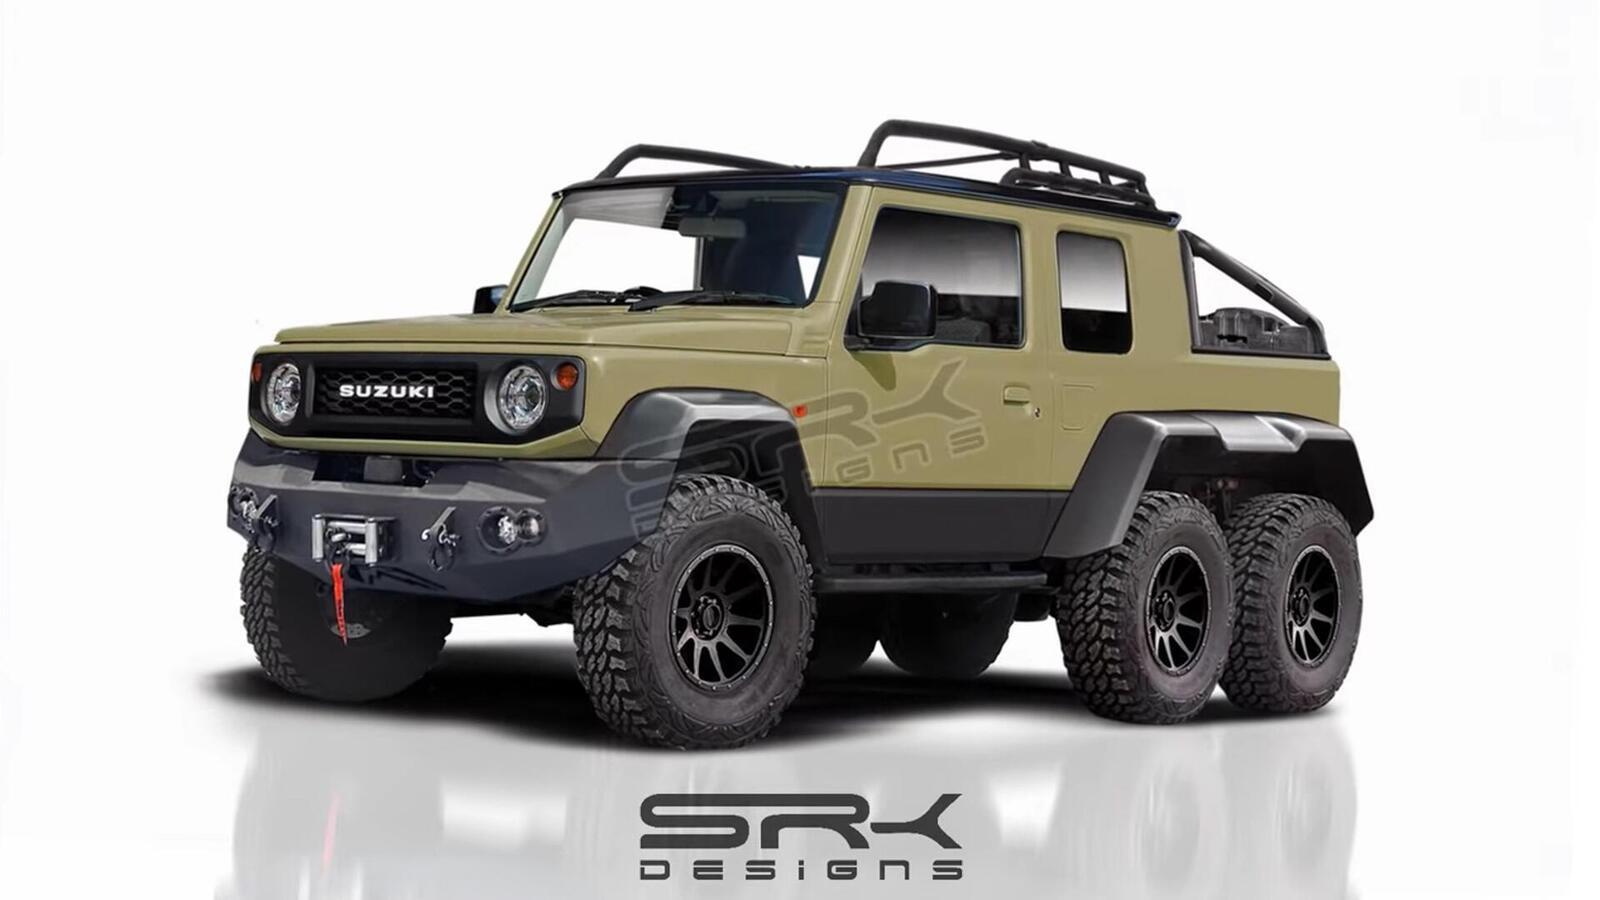 Ý tưởng về một chiếc Suzuki Jimny 2019 độ 6 bánh theo kiểu 6x6 - Hình 1